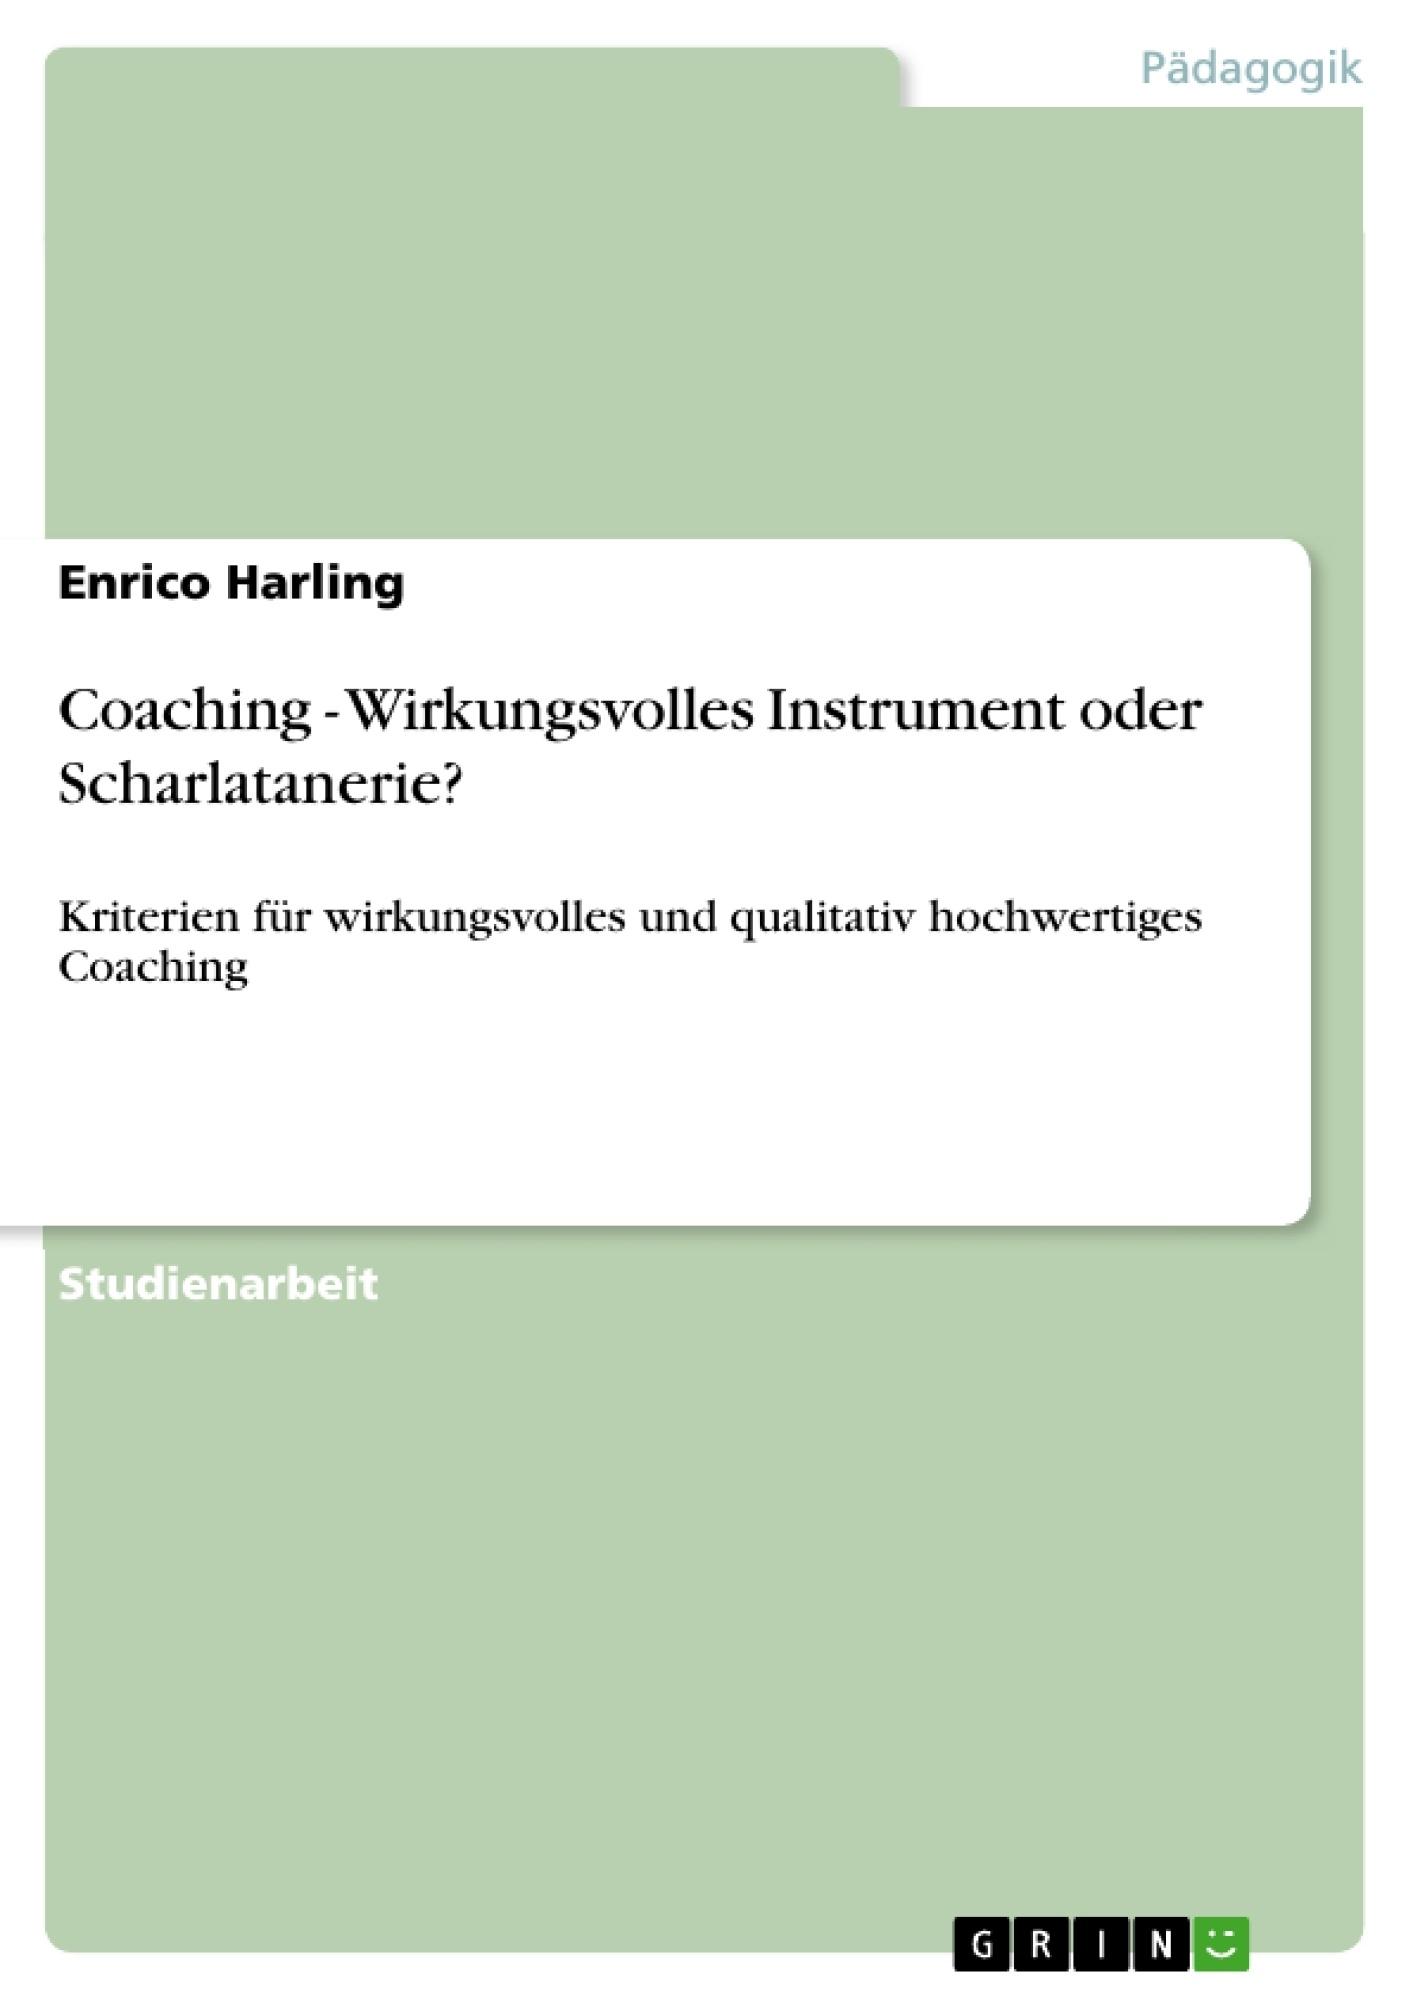 Titel: Coaching - Wirkungsvolles Instrument oder Scharlatanerie?